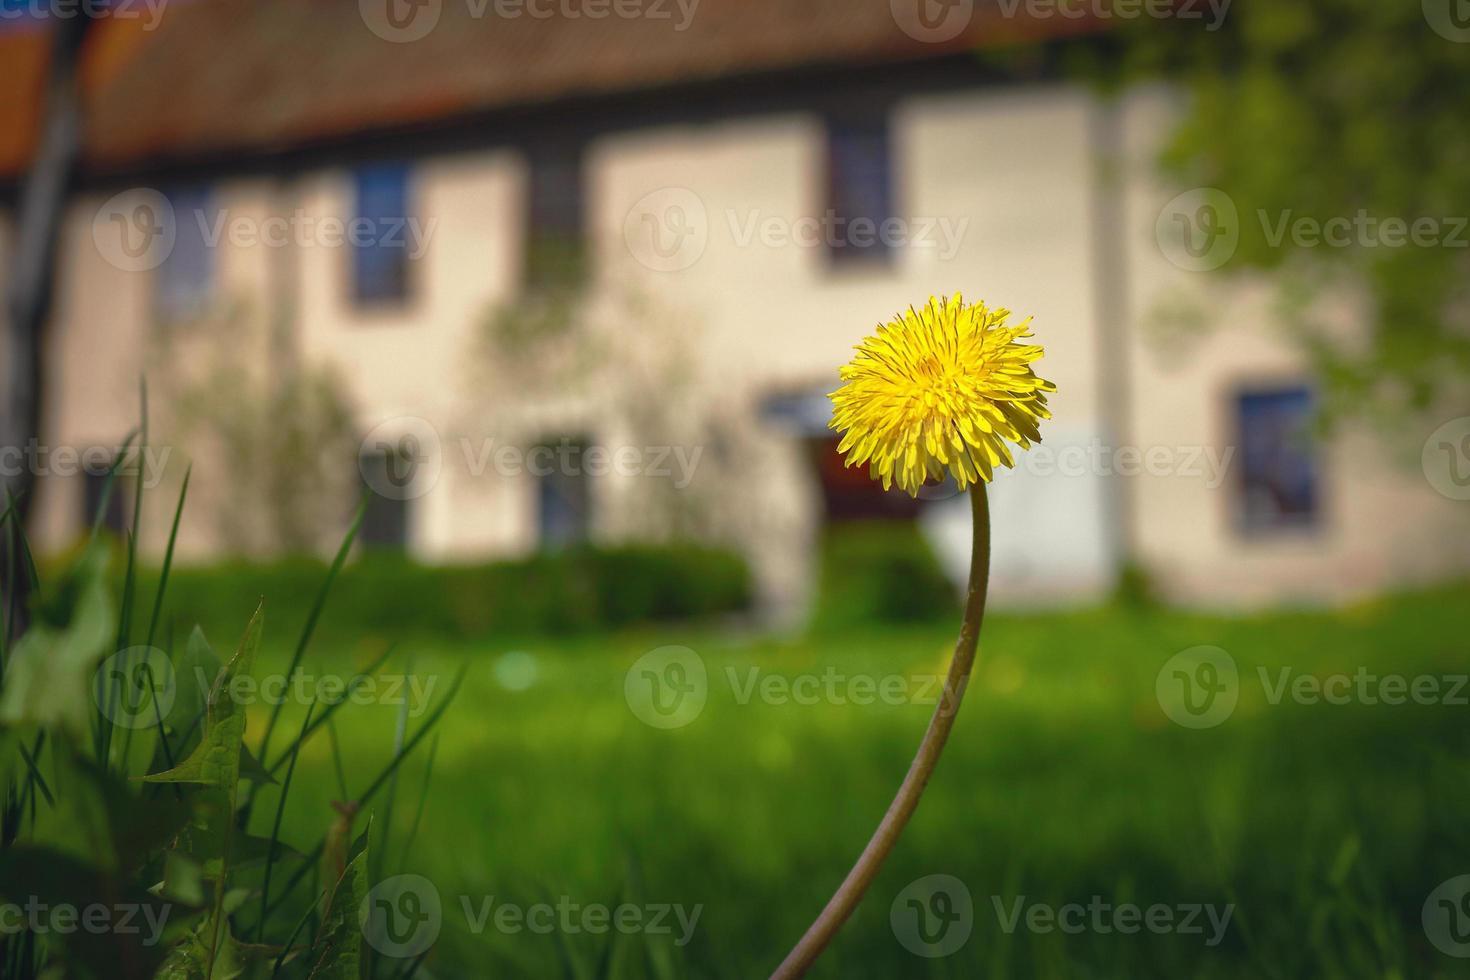 Gelber Löwenzahn auf langem Stiel, der im grünen Gras in der Nähe der Wiese vor dem alten Gebäude blüht foto